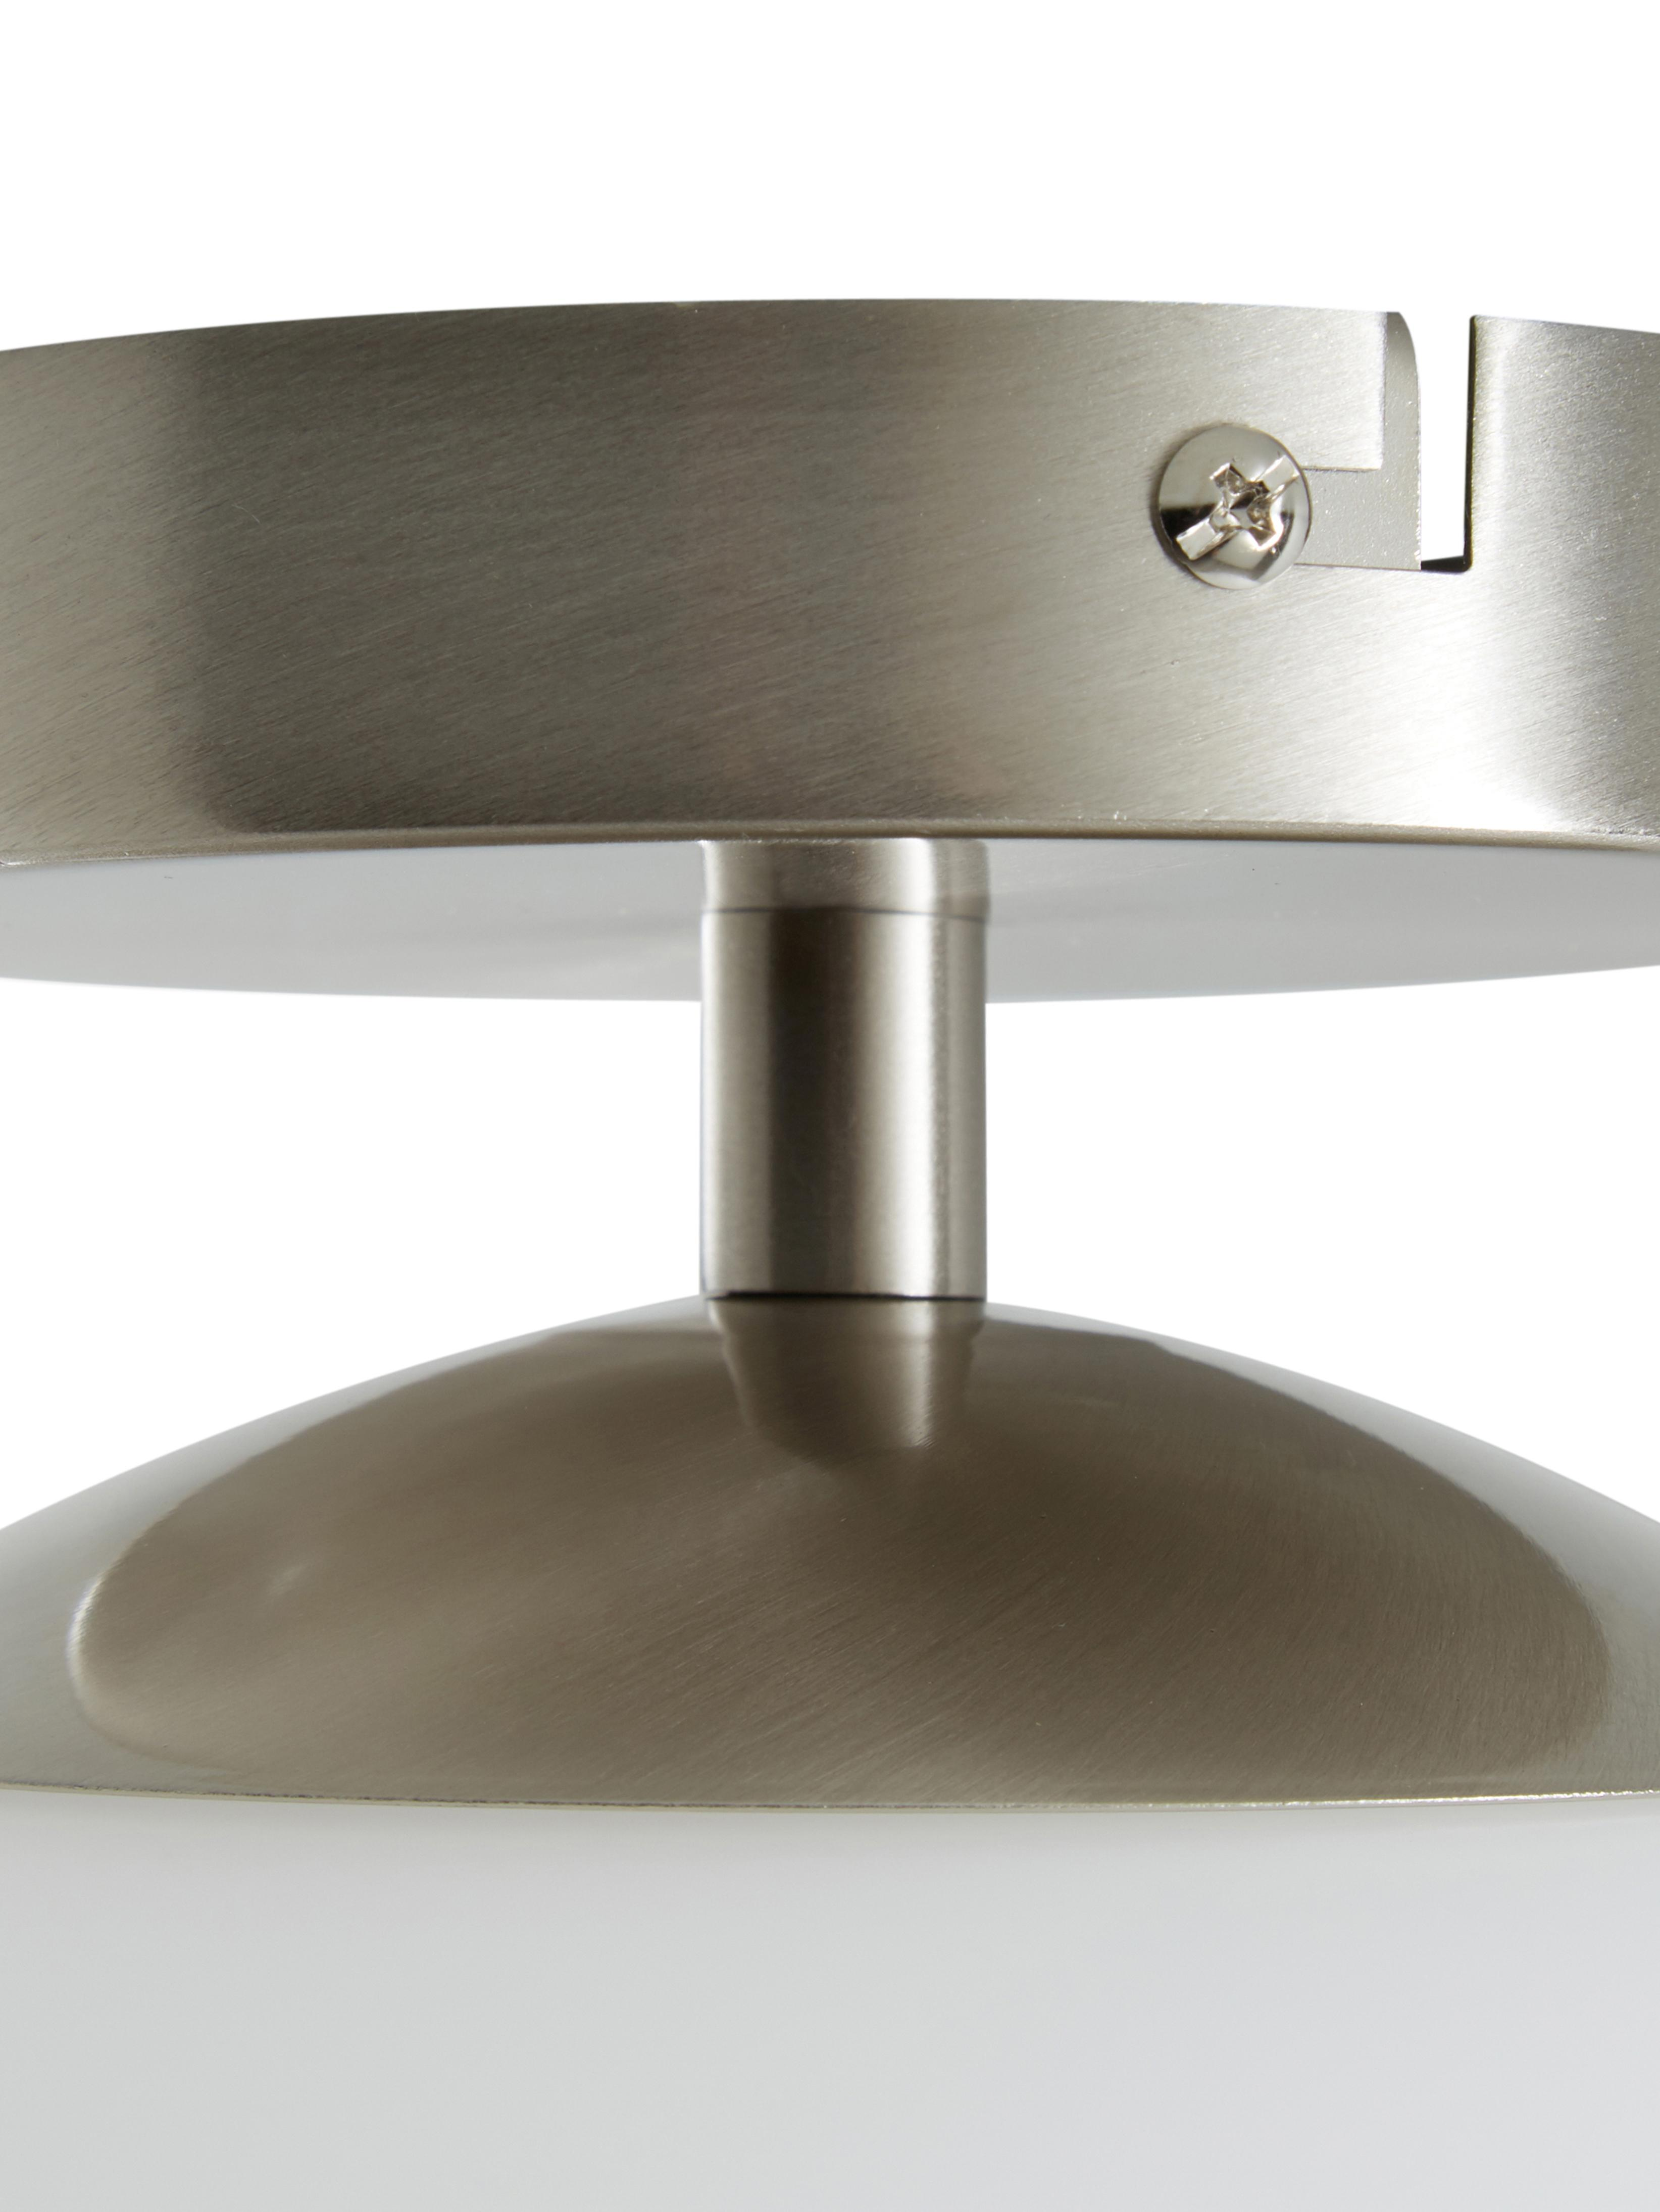 Deckenleuchte Hitch aus Glas, Lampenschirm: Glas, Baldachin und Fassung: Silberfarben, mattLampenschirm: Weiss, Ø 25 x H 30 cm